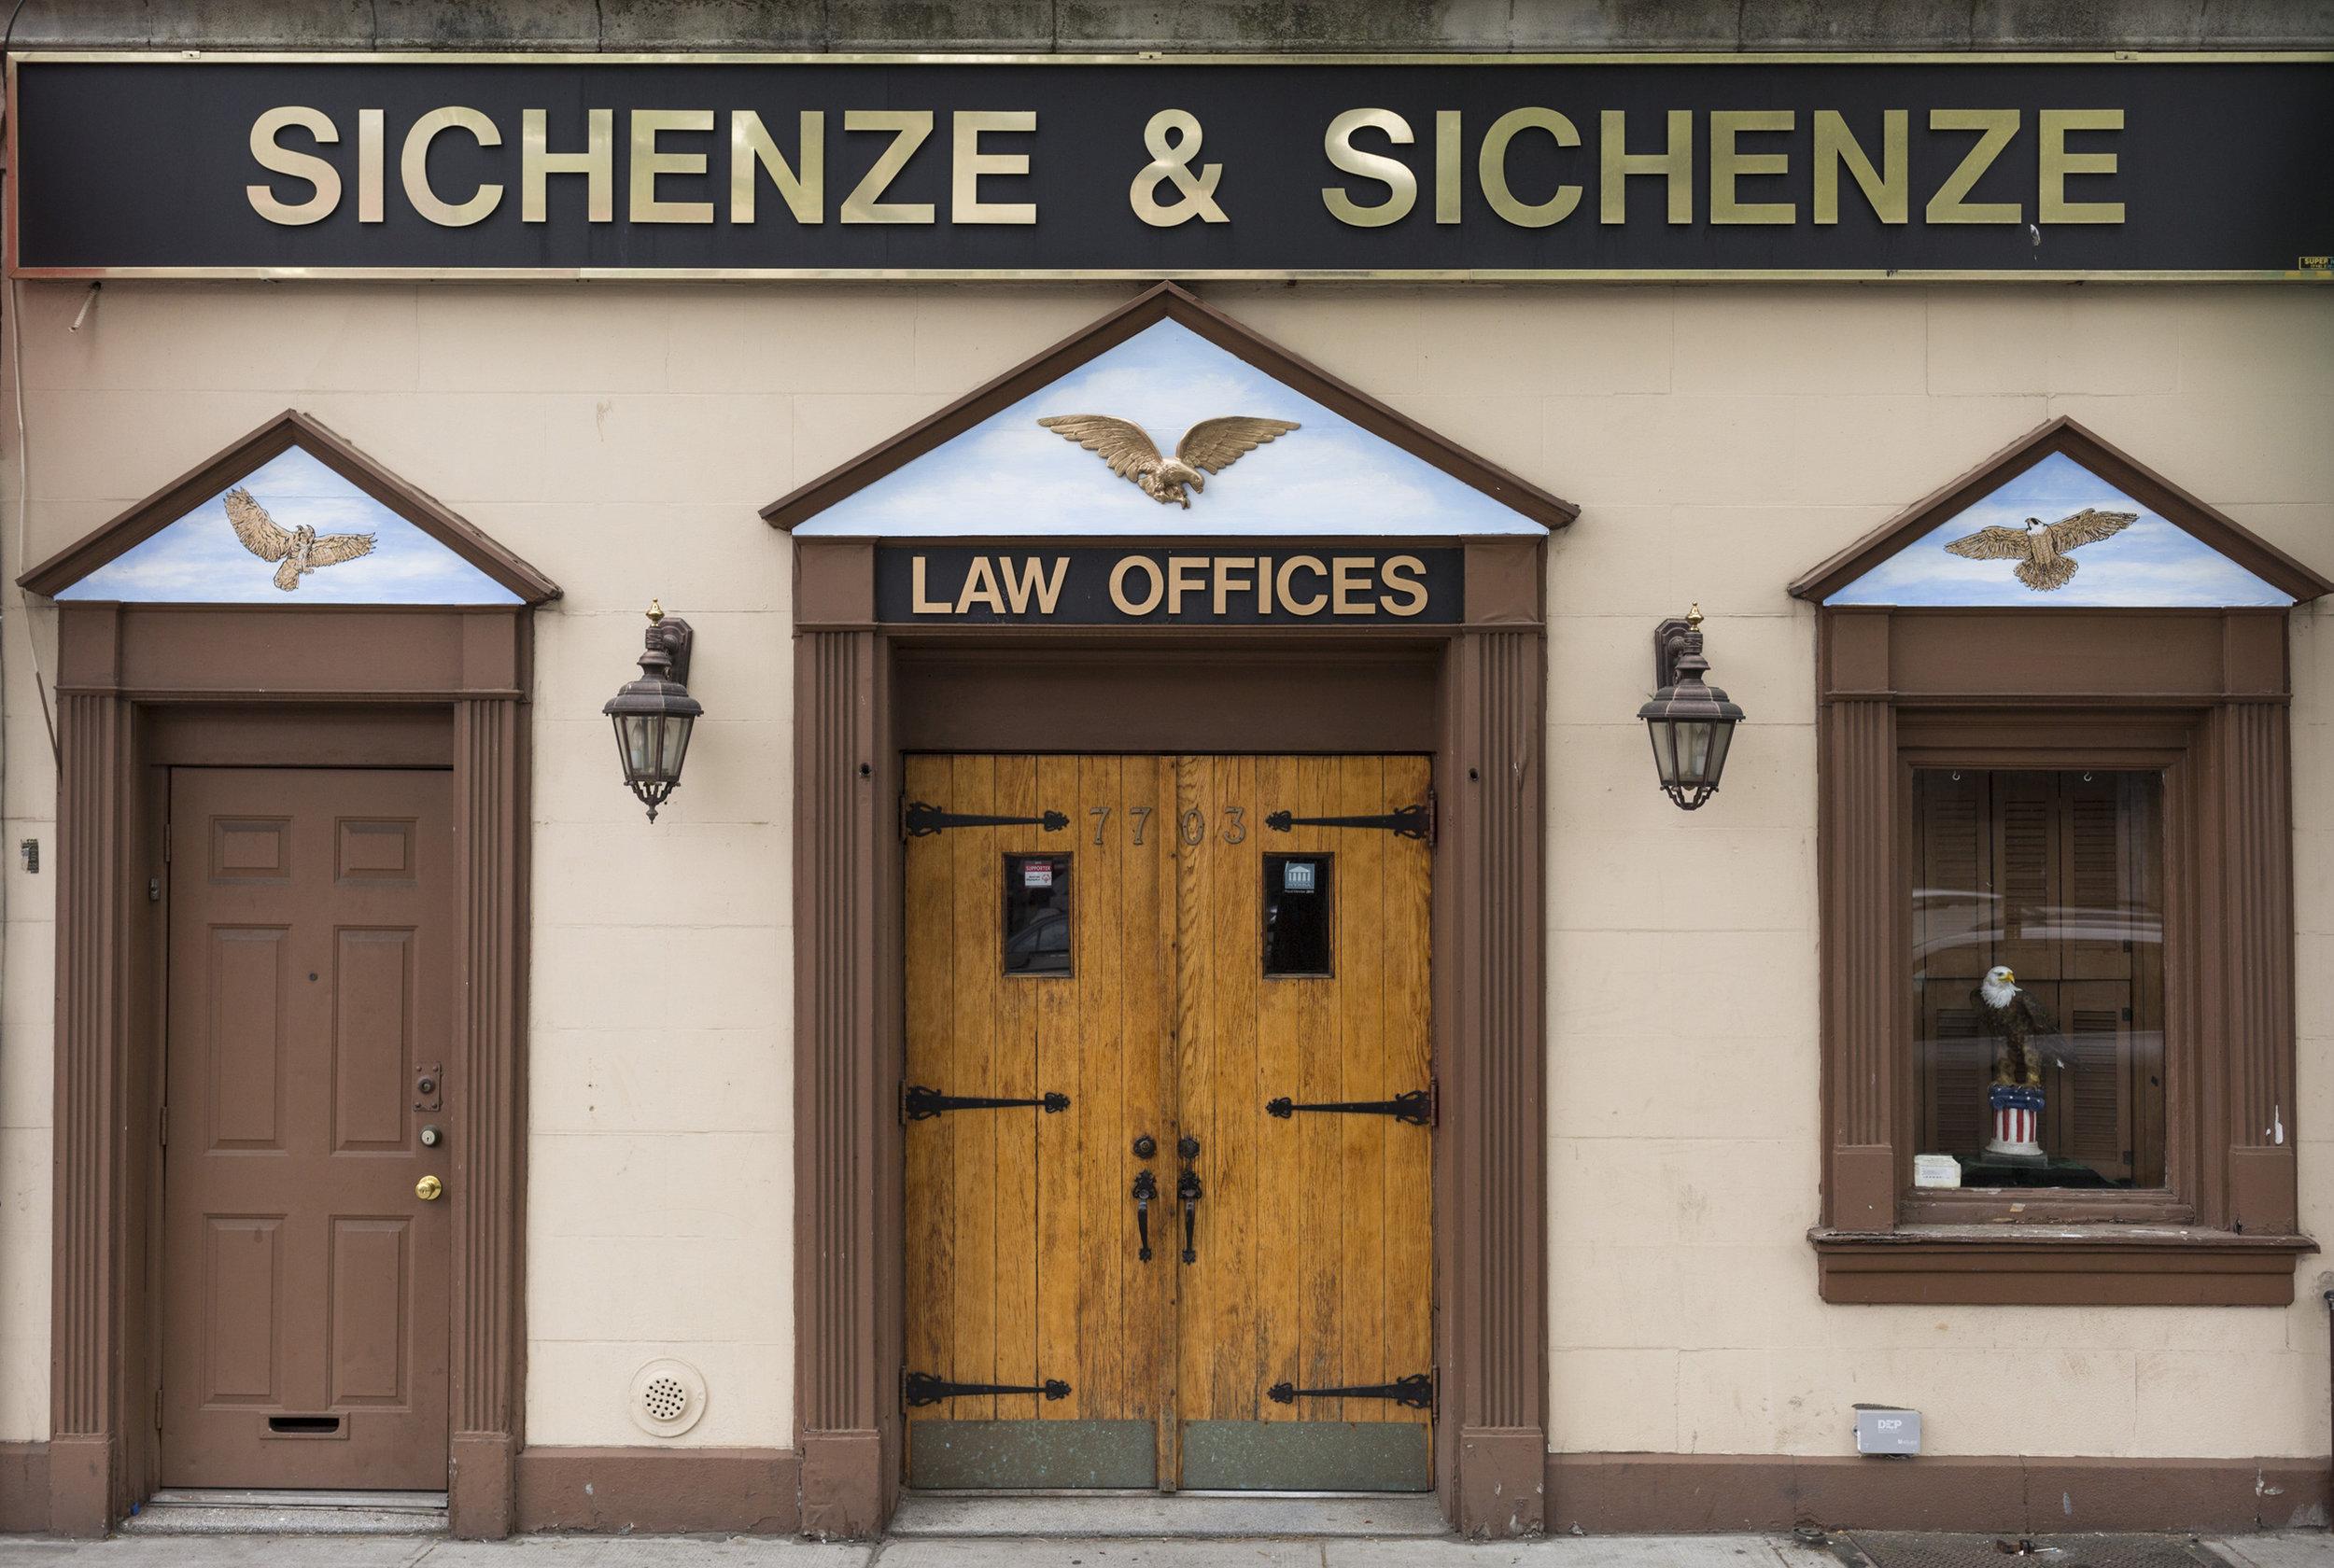 Sichenze_after.jpg